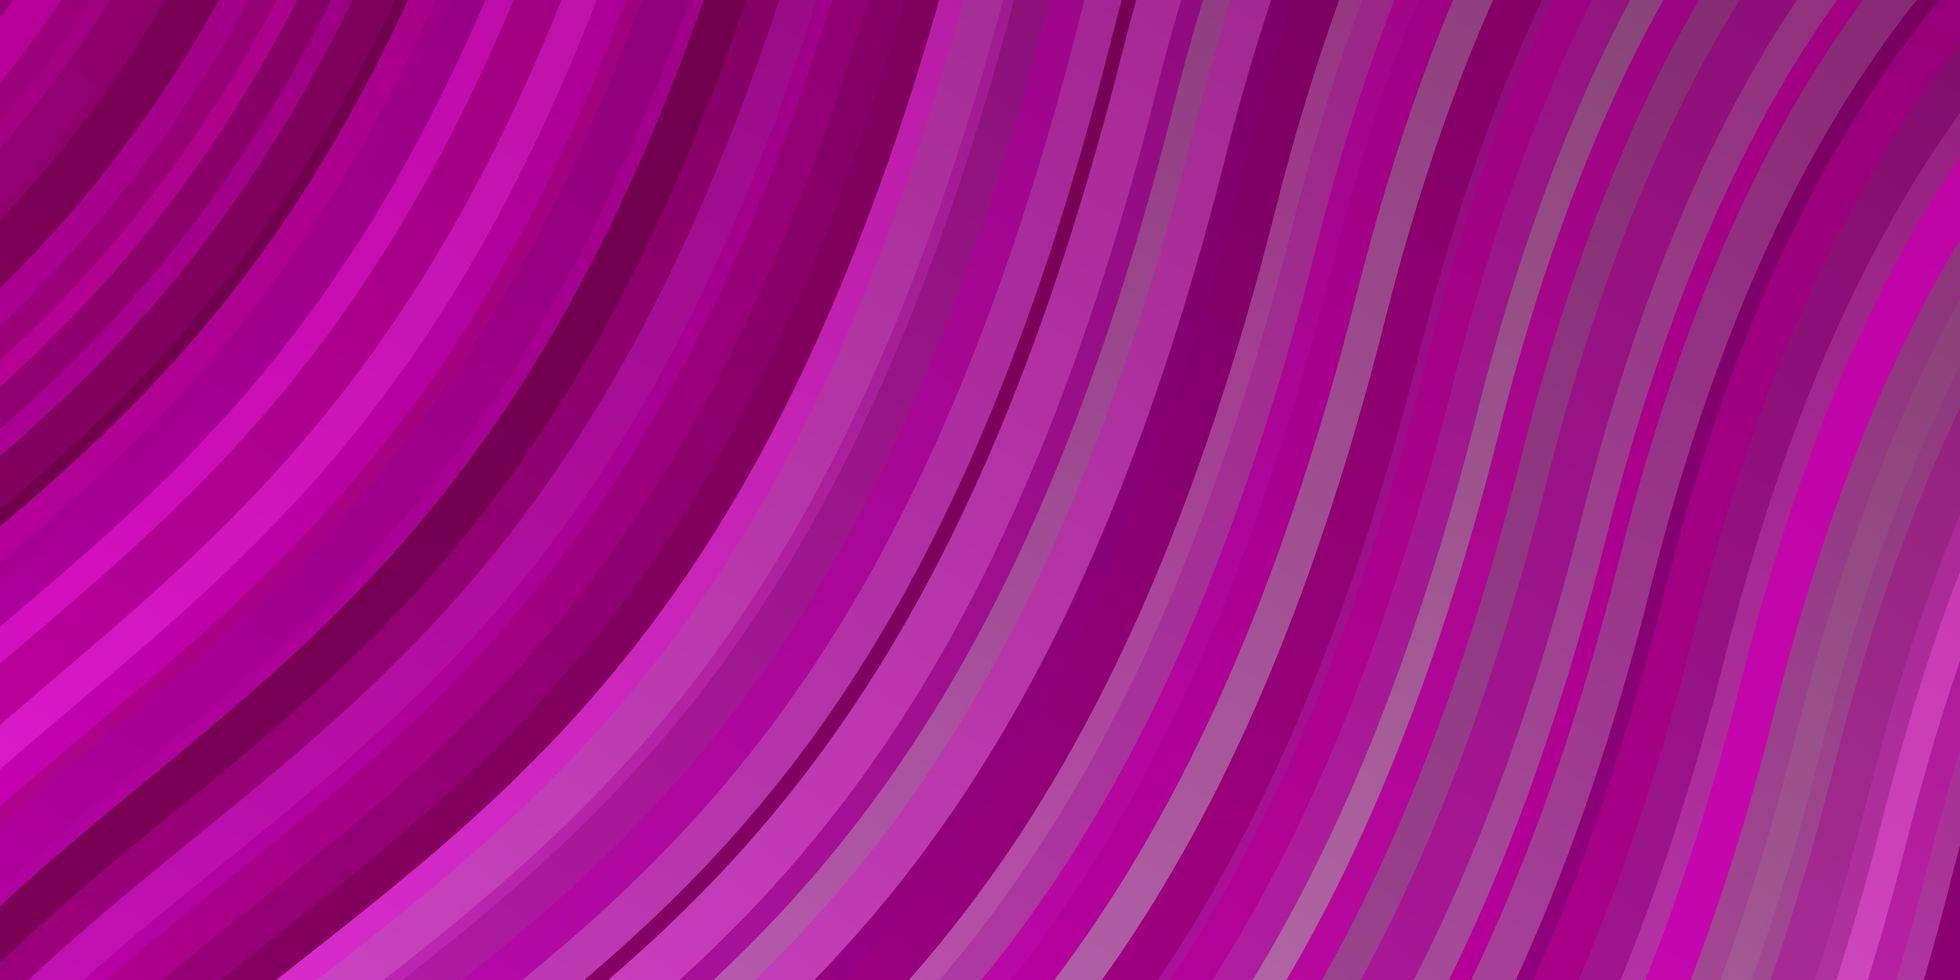 modèle vectoriel rose clair avec des lignes courbes.